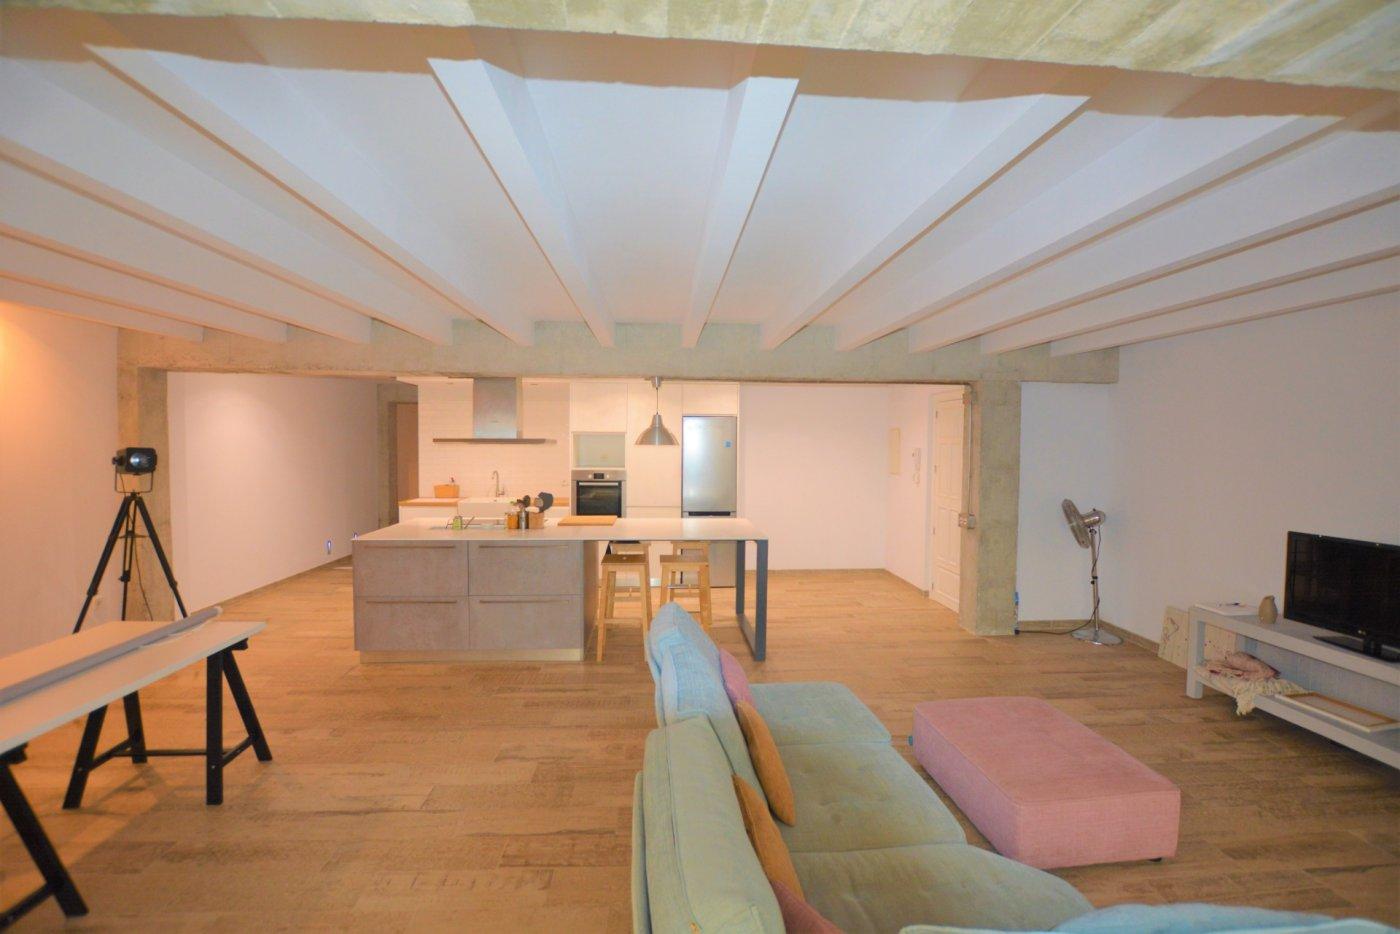 Increíble piso recientemente reformado. - imagenInmueble4